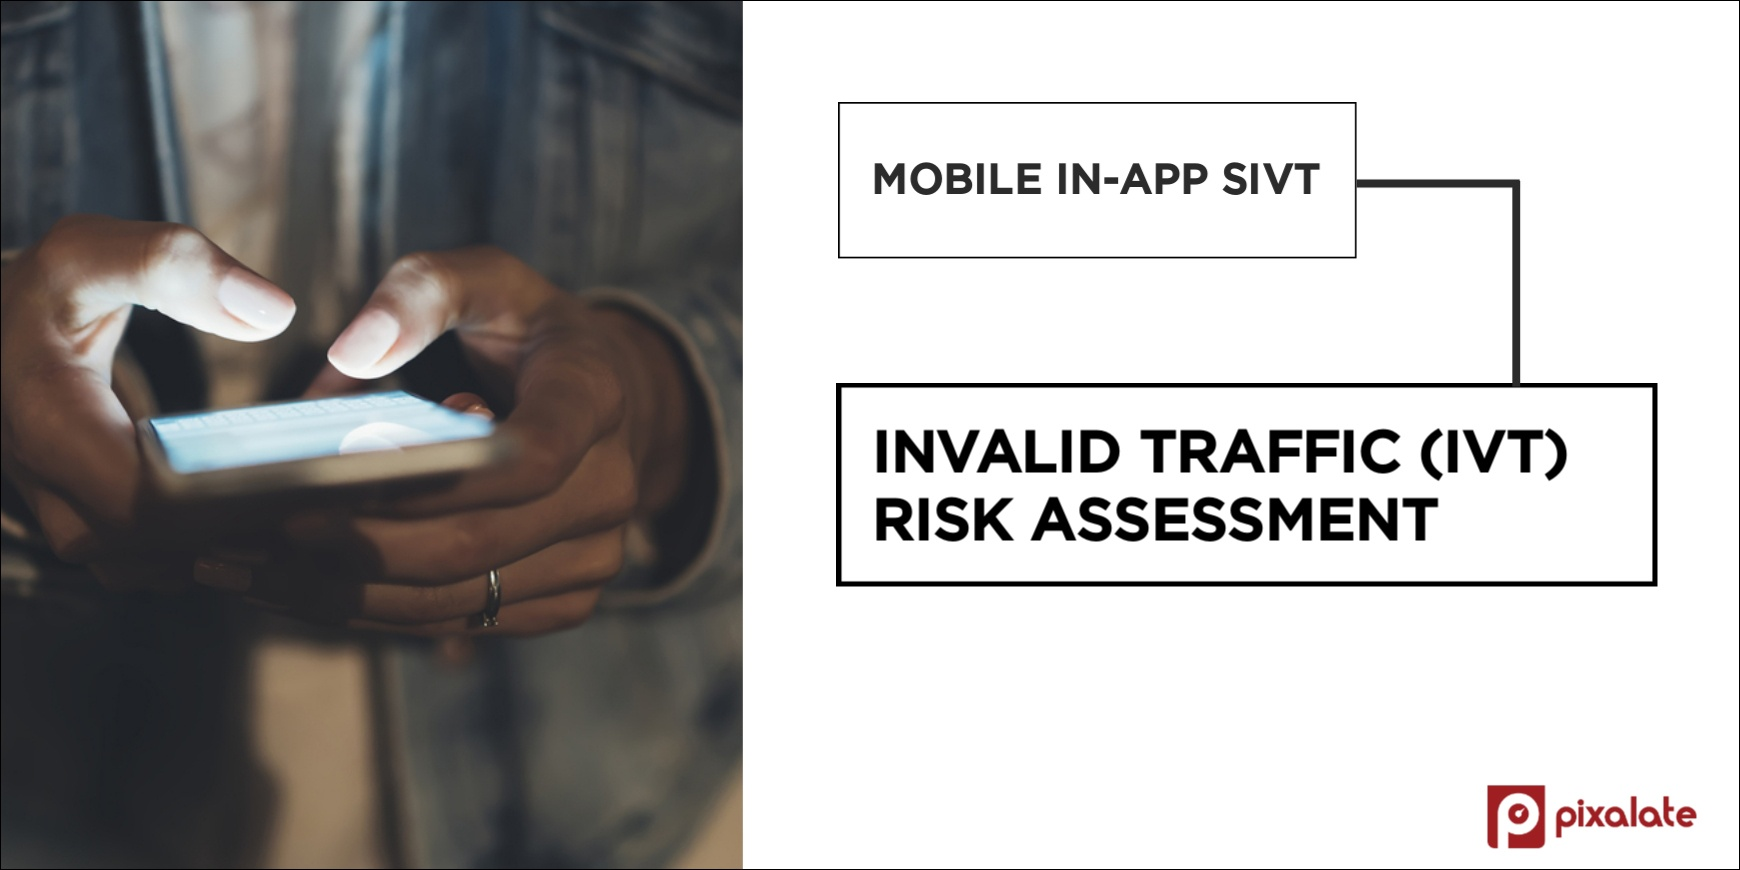 mrc-mobile-app-invalid-traffic-ivt-sivt-risk-assessment-1